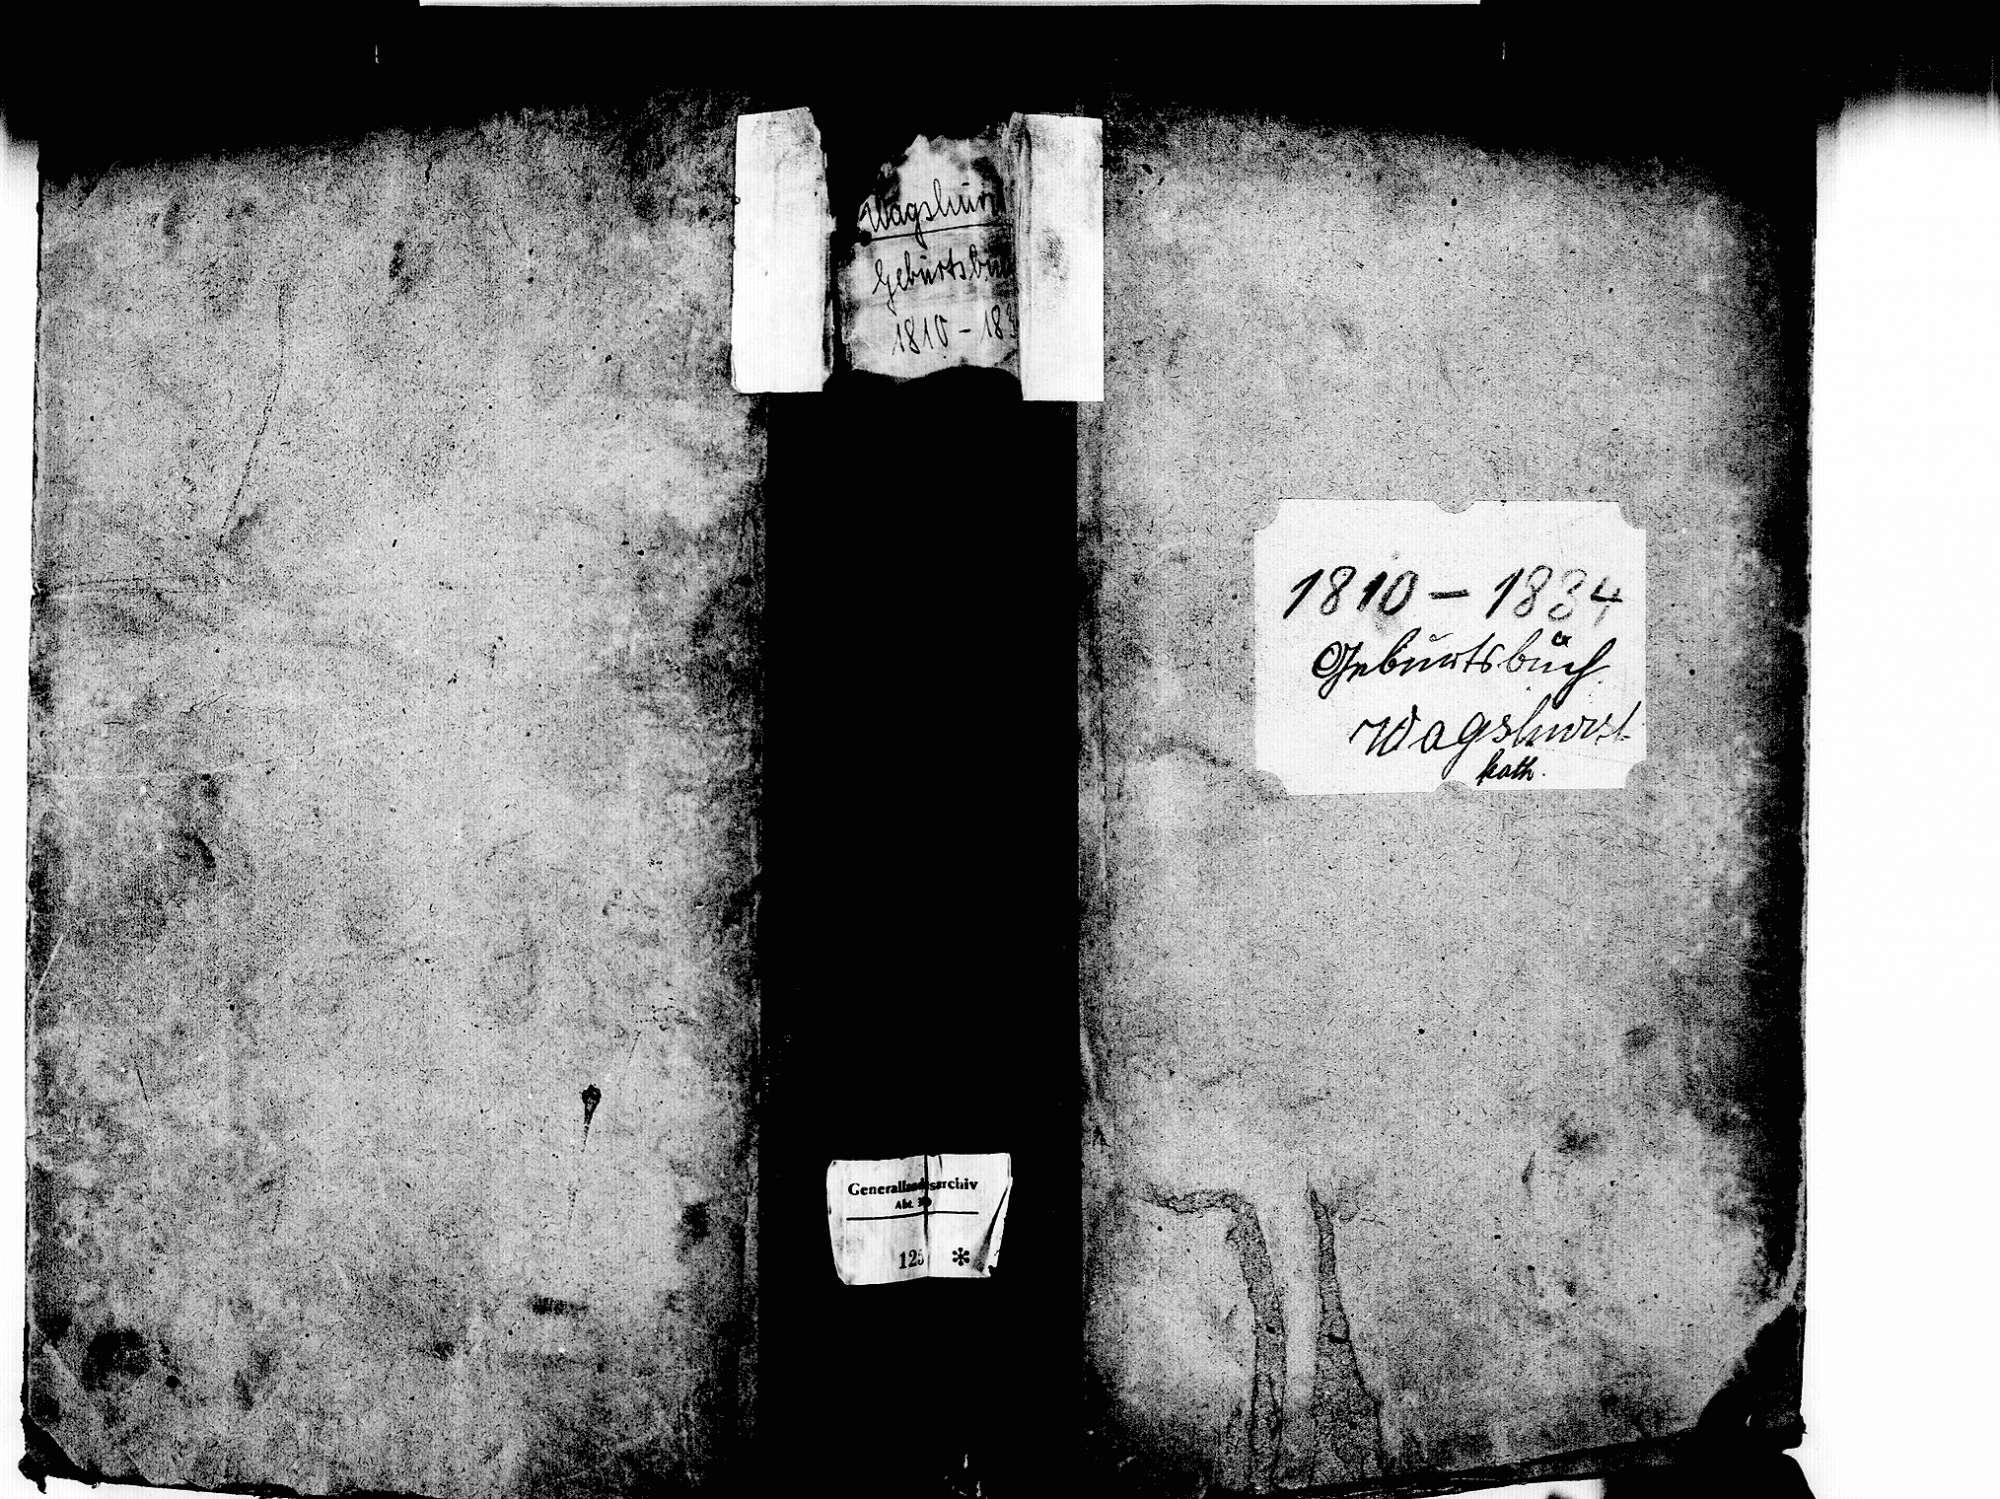 Wagshurst, Achern OG; Katholische Gemeinde: Geburtenbuch 1810-1834, Bild 1